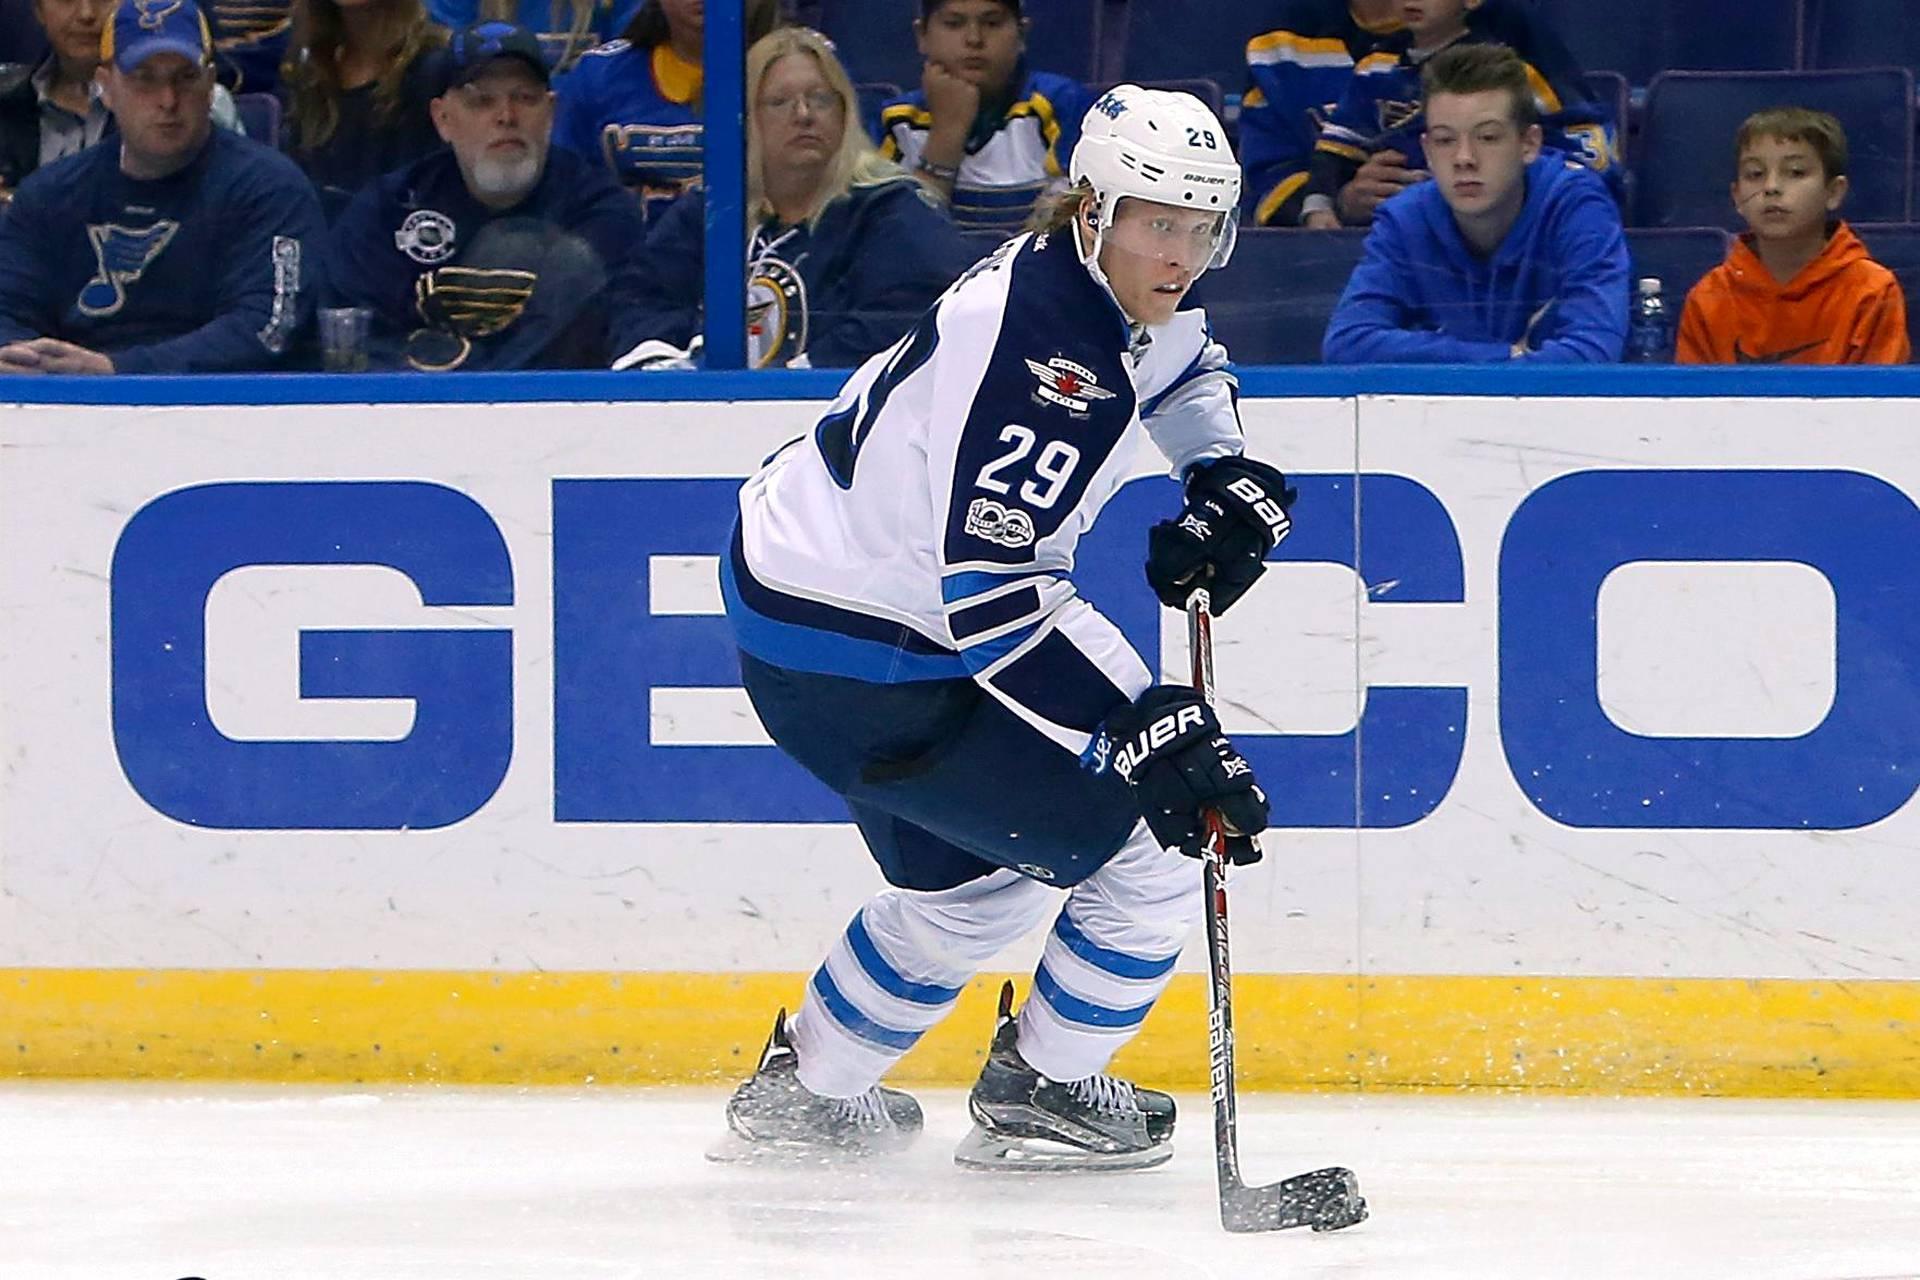 Winnipeg Jetsin suomalaistähti Patrik Laine valittiin ottelun ykköstähdeksi, kun hän teki kaksi maalia NHL-liigan ottelussa St. Louis Bluesia vastaan.